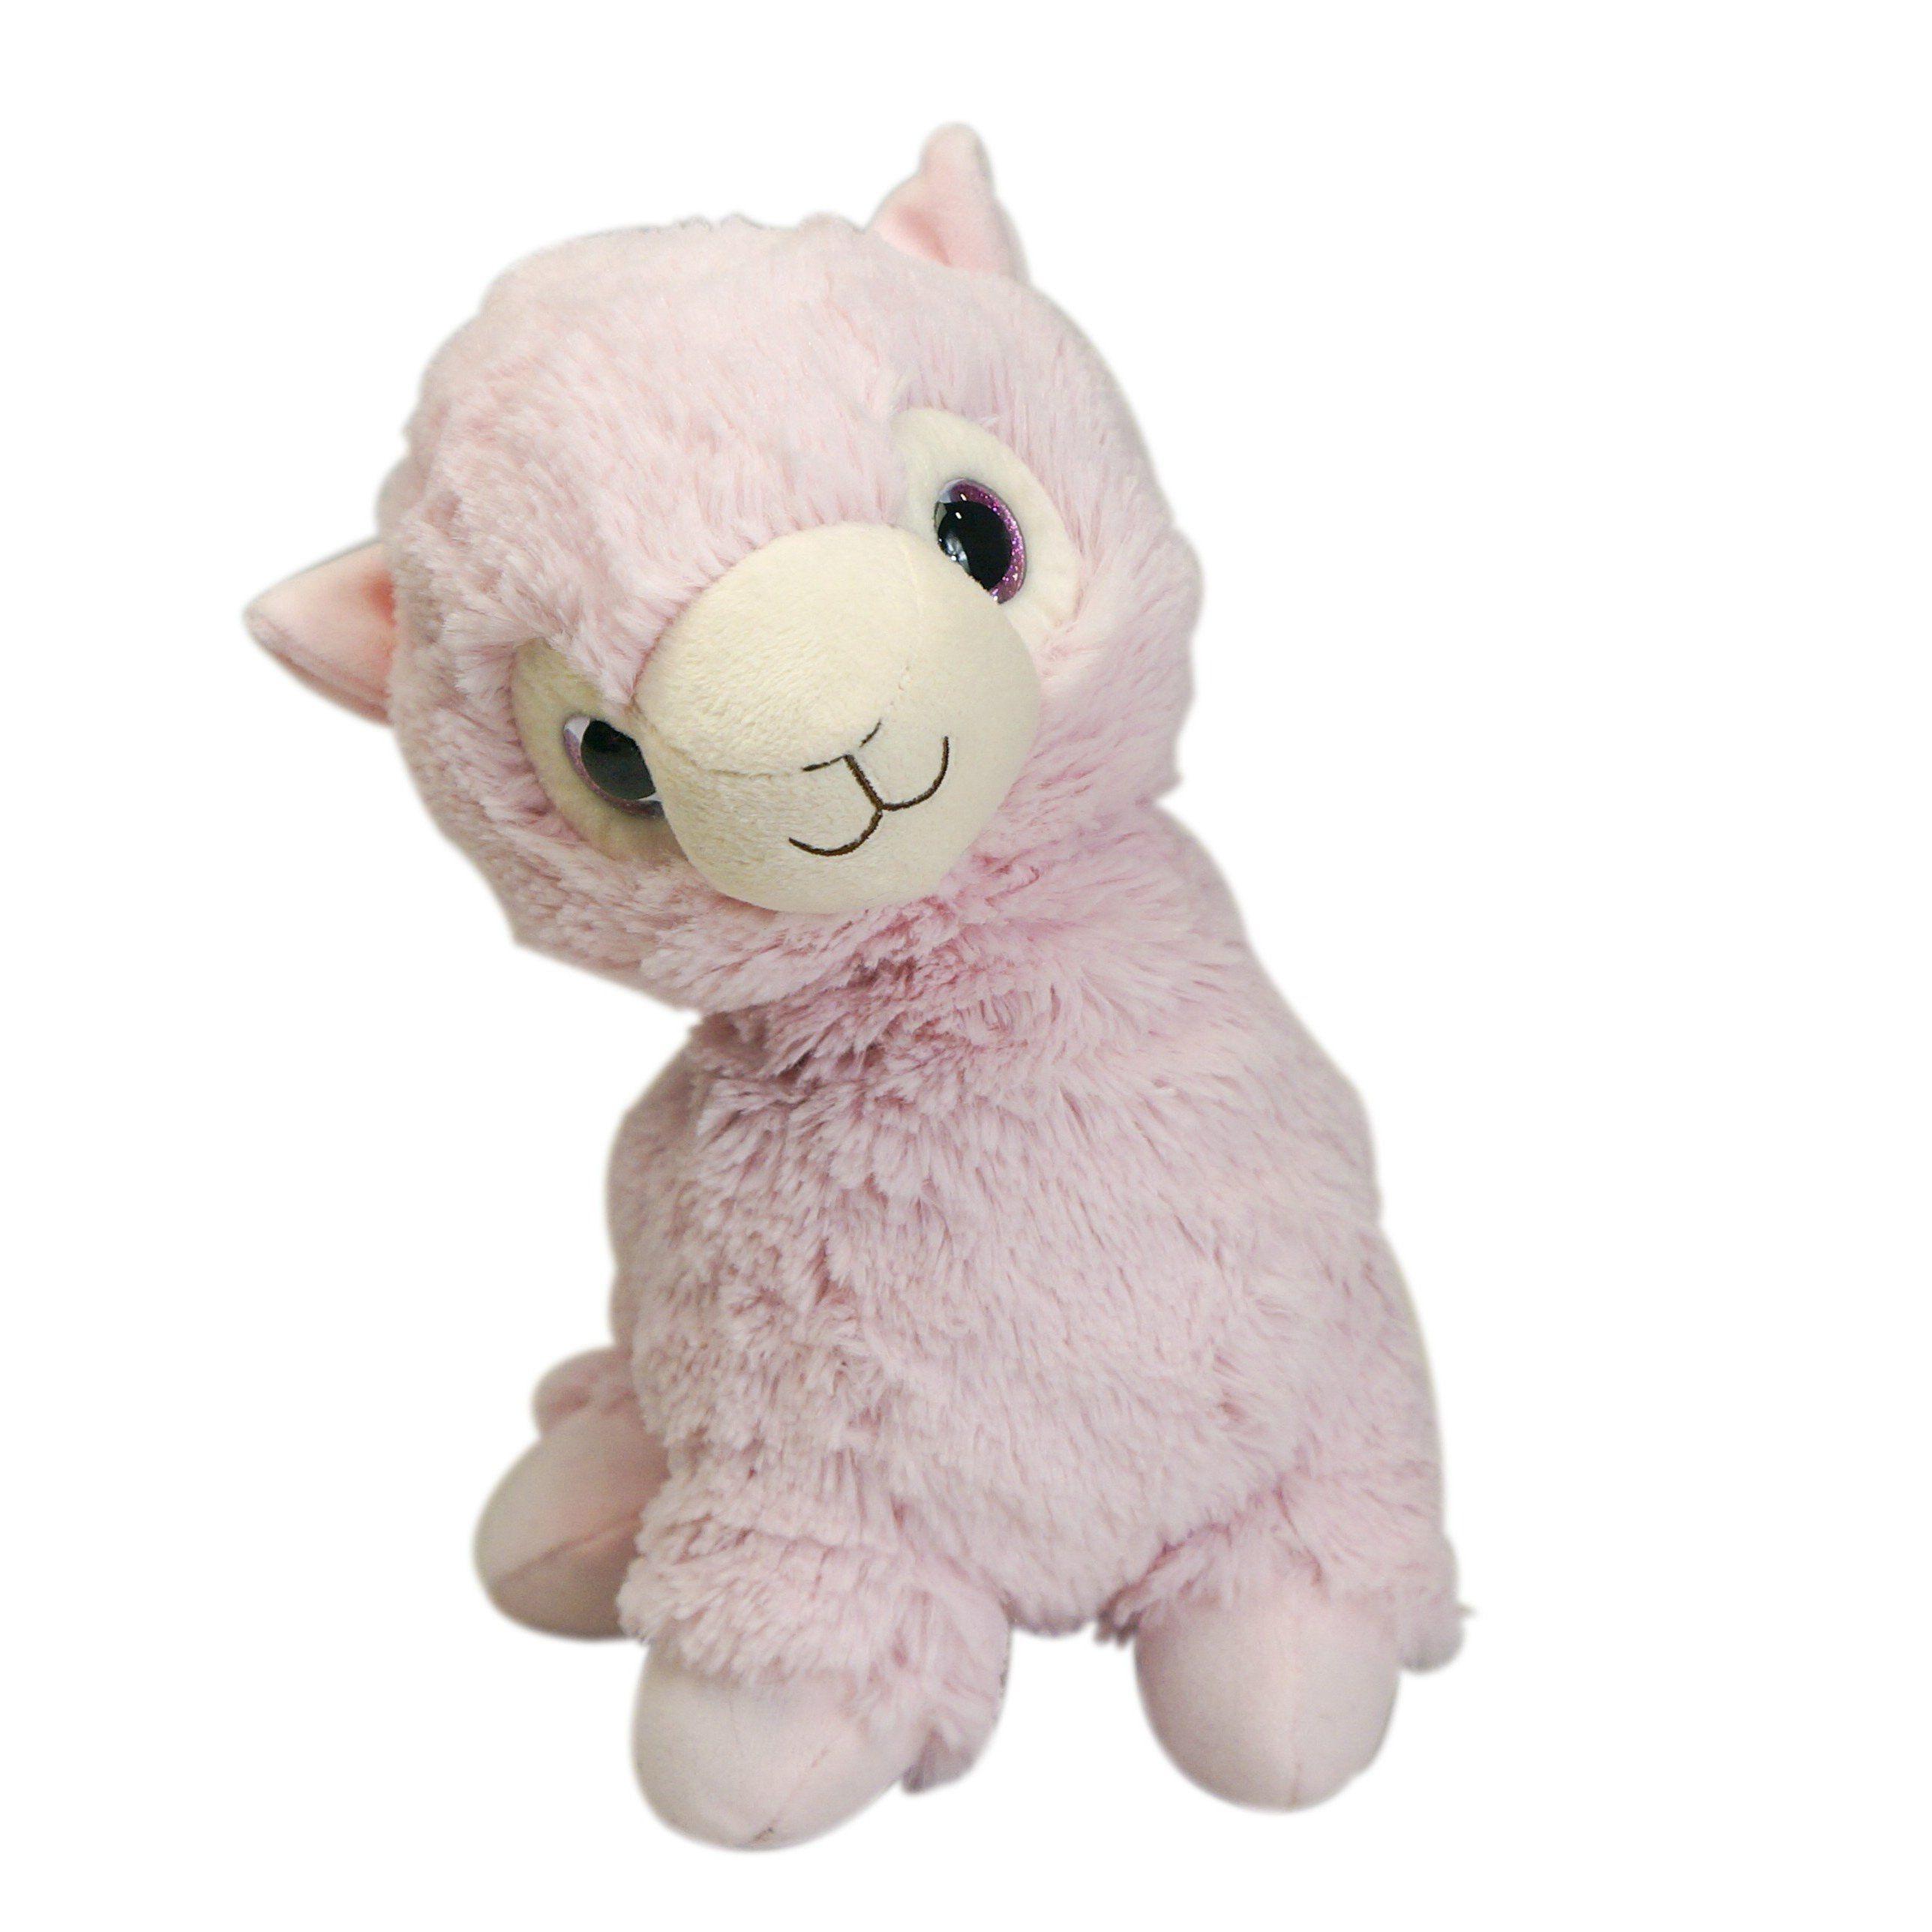 Warmies Cozy Plush Llama (Pink) Llama stuffed animal